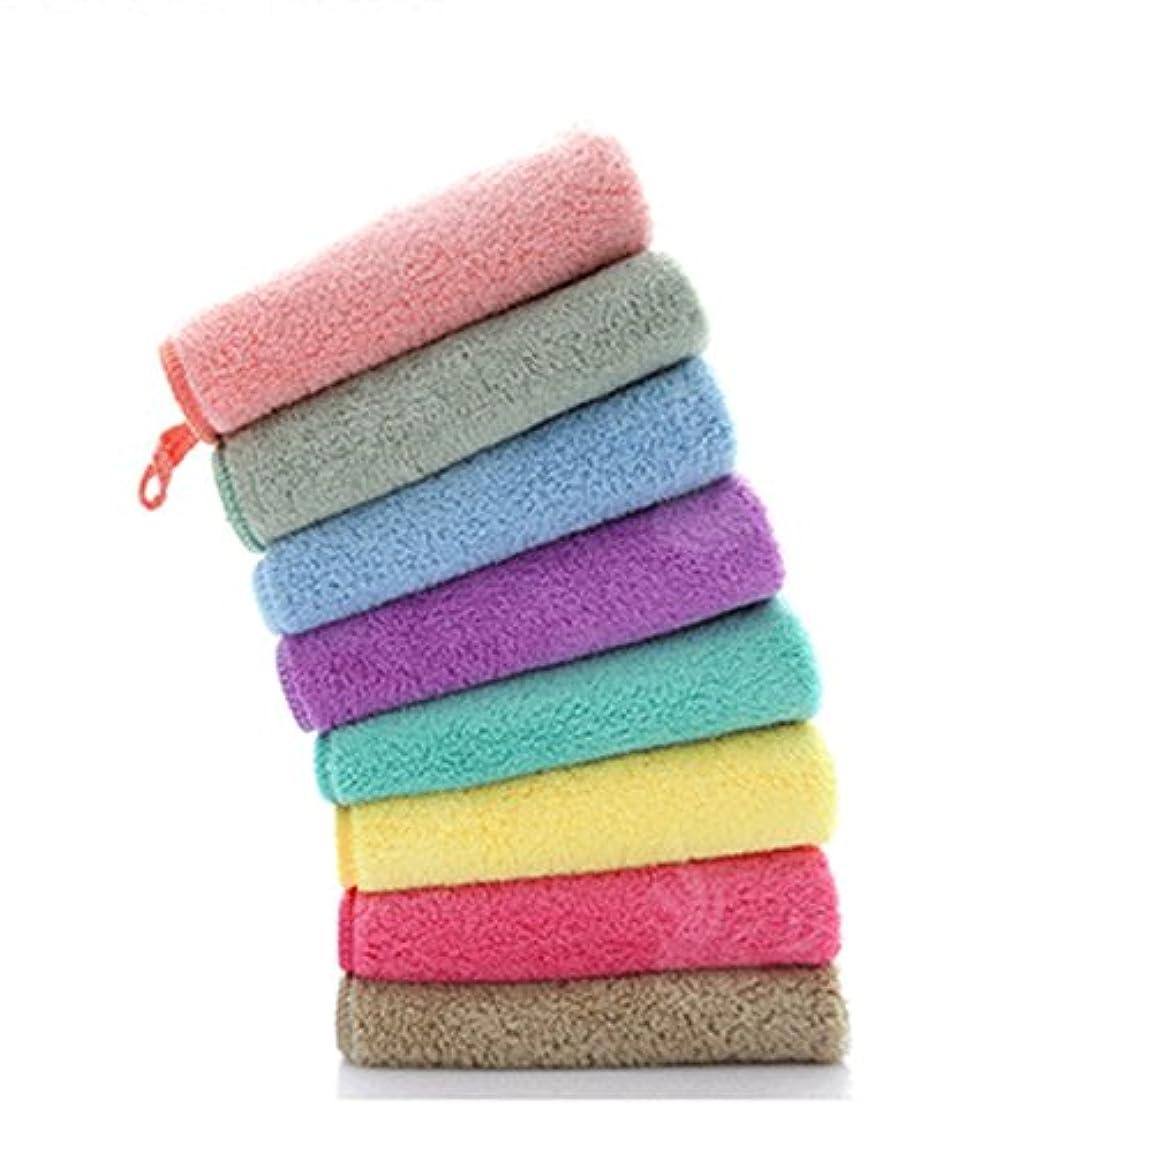 入り口ベッド承認するSweetimes メイク落としタオル 超細繊維 ソフト 吸水 可愛い6色セット No.22